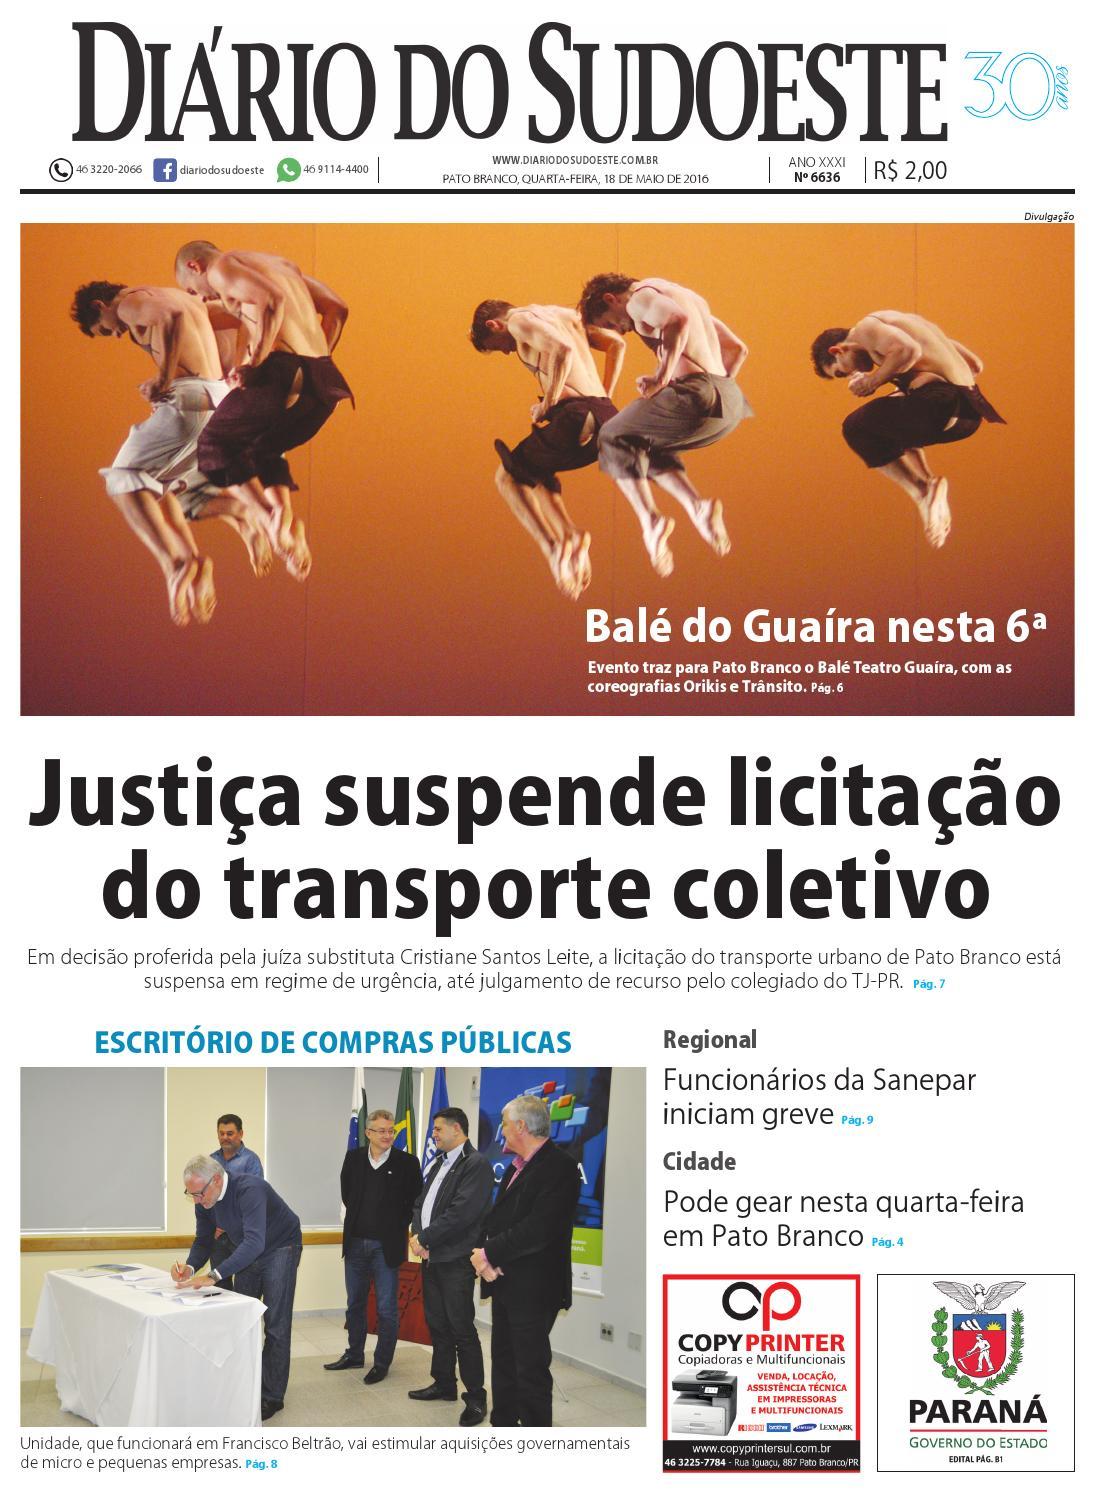 Diário do sudoeste 18 de maio de 2016 ed 6636 by Diário do Sudoeste - issuu dc8d72ec08951